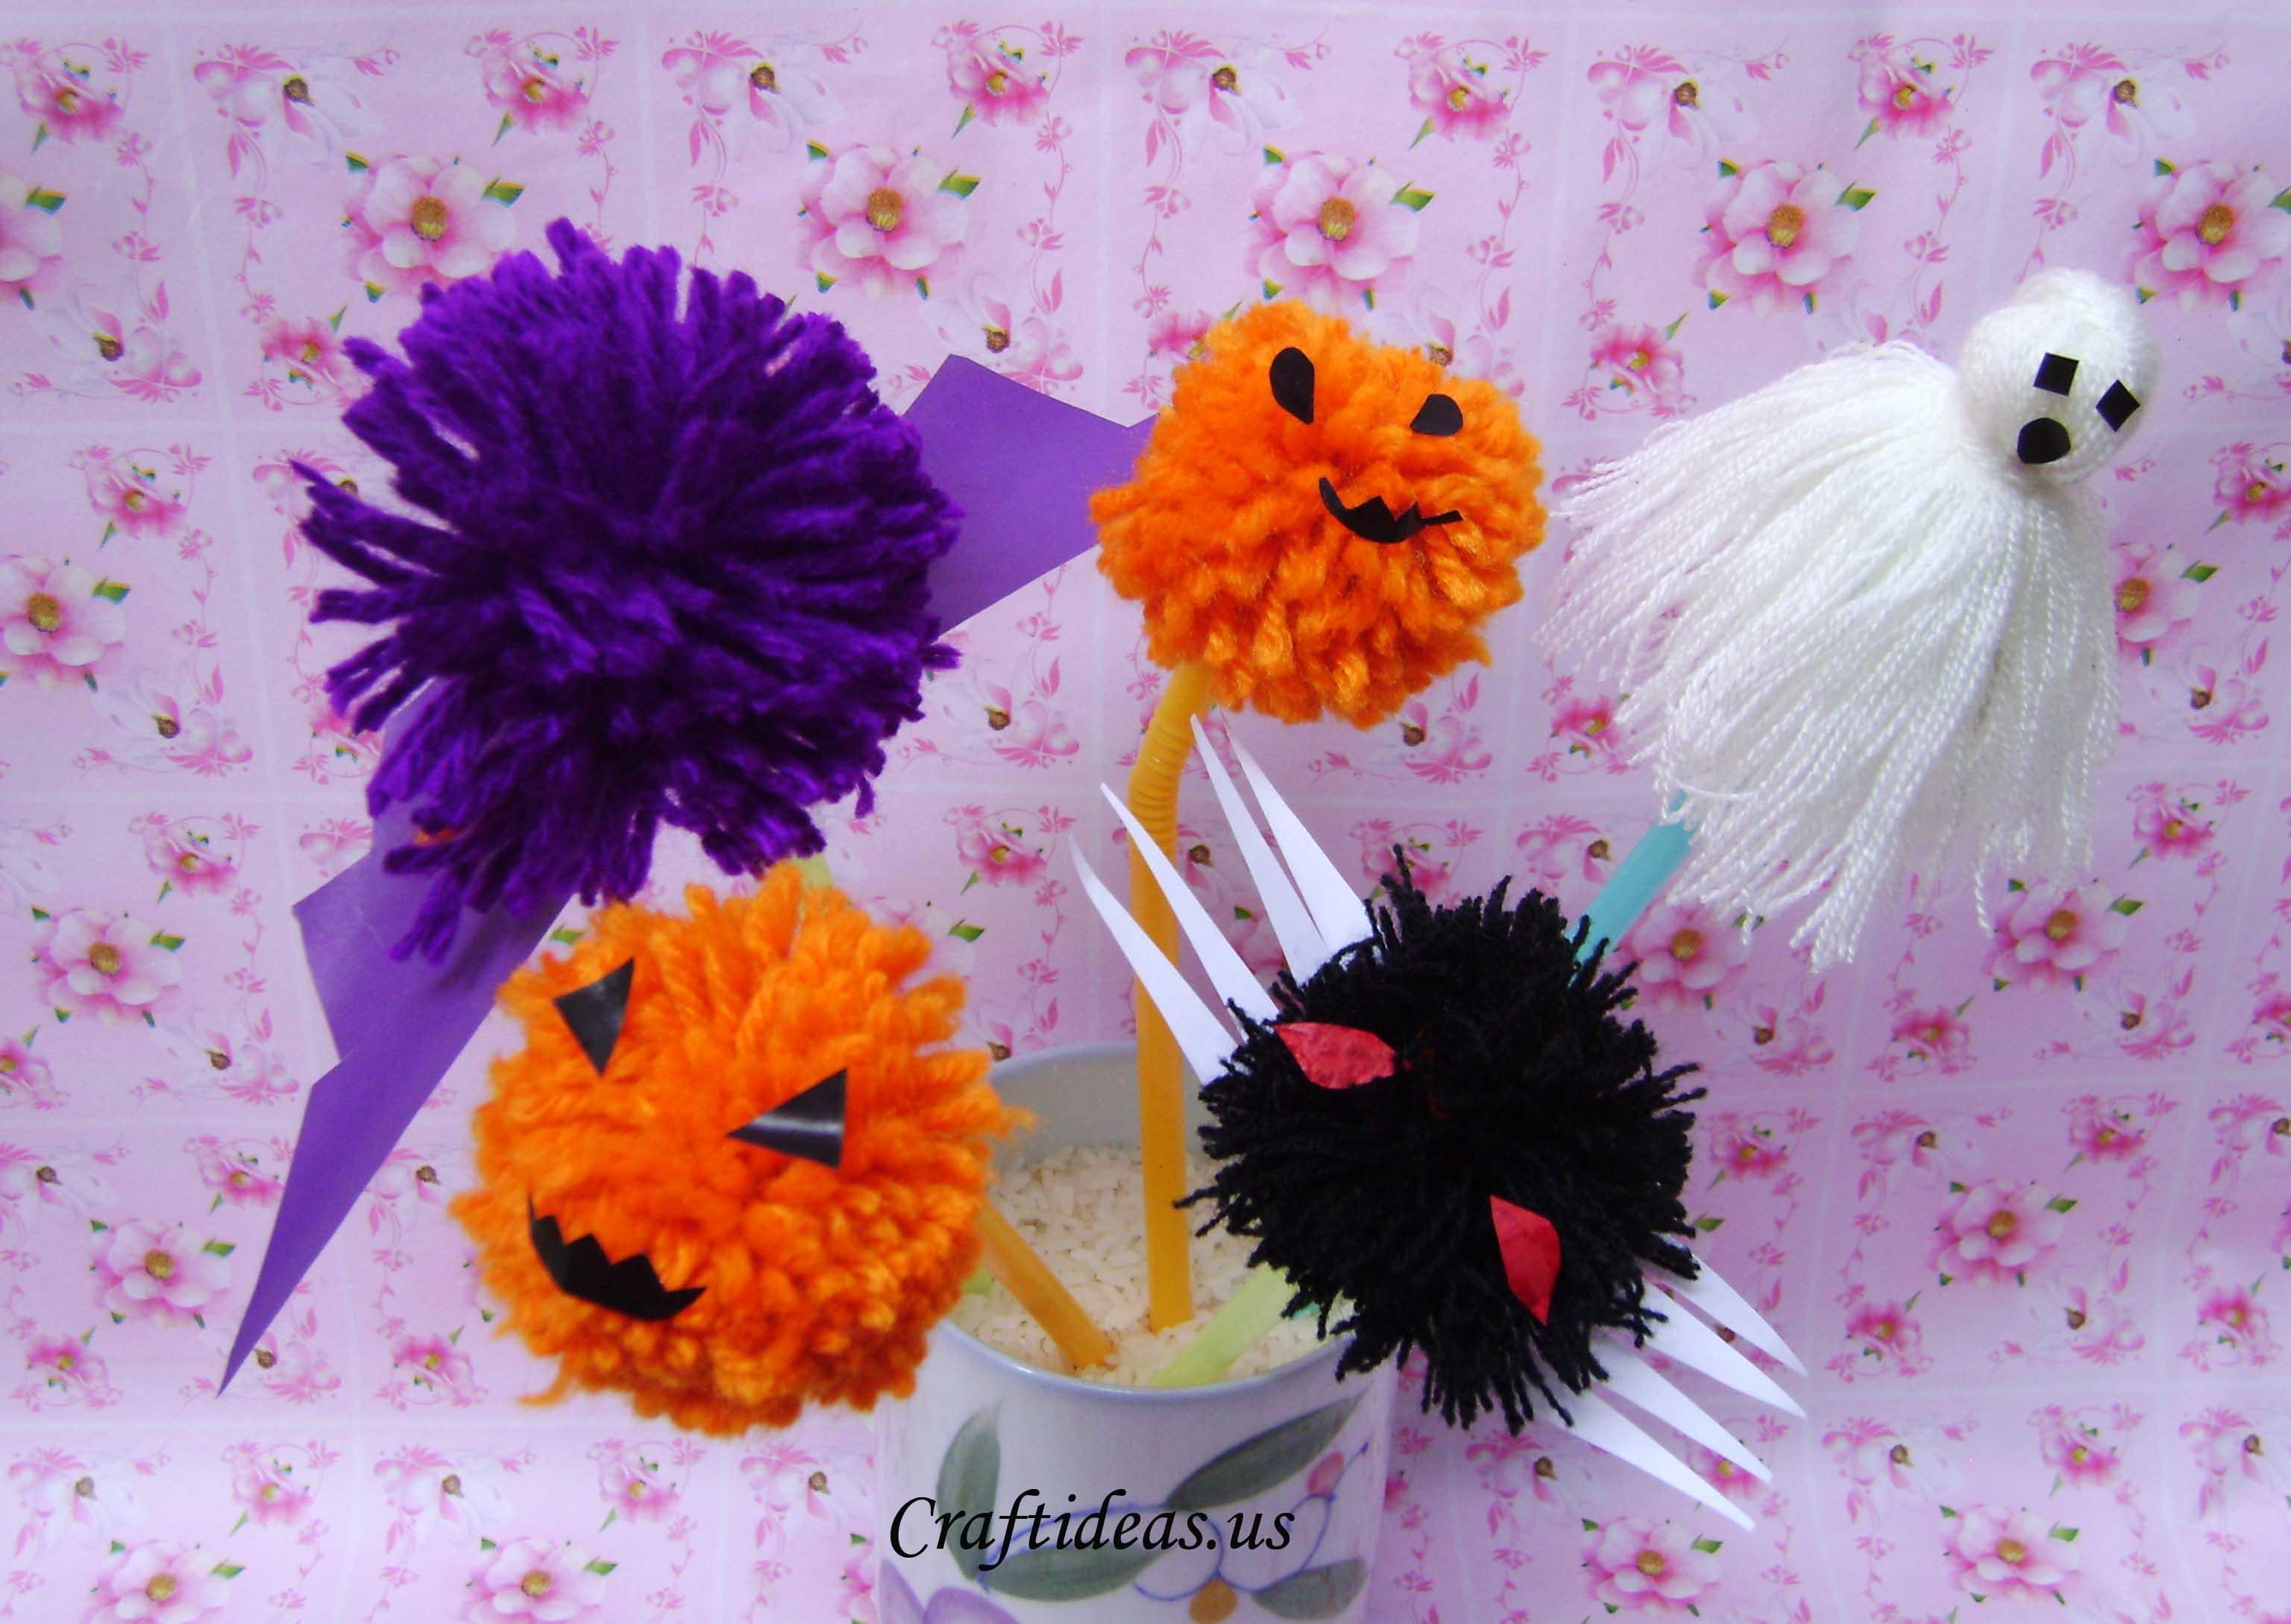 Pin Halloween Craft On Pinterest